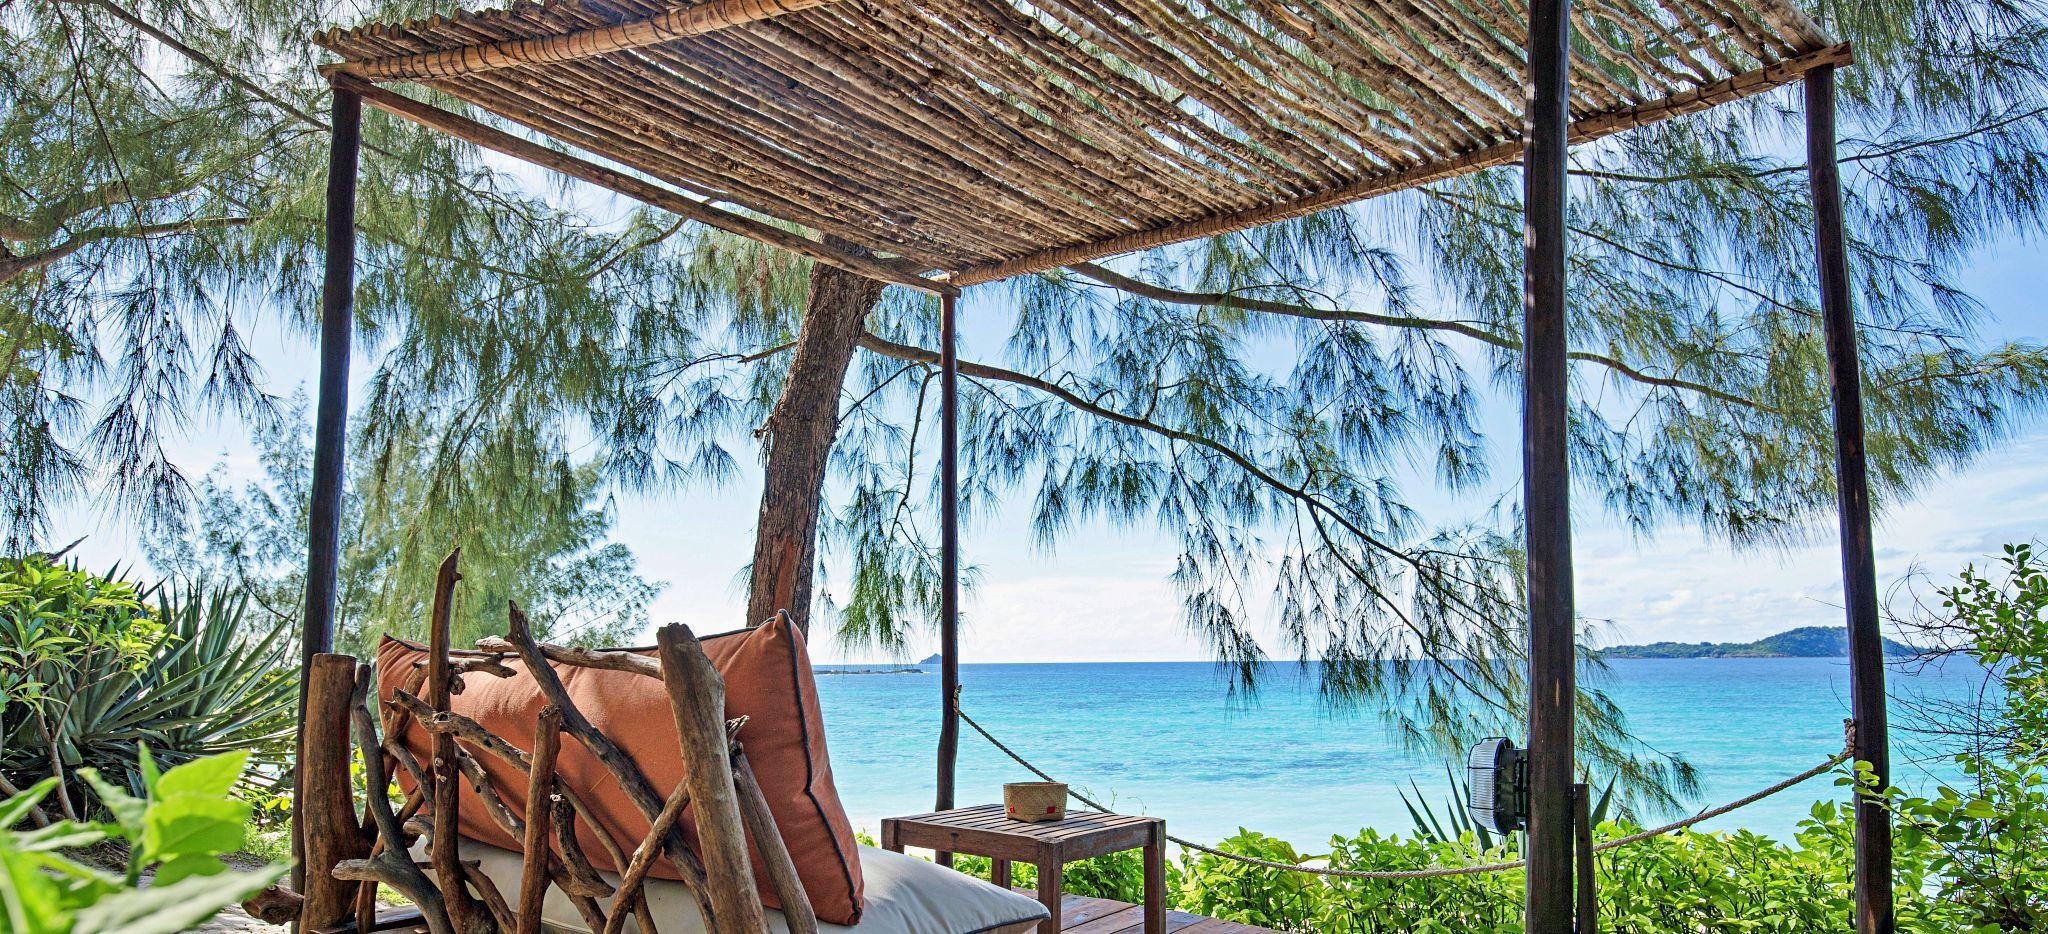 Ausblick von einer Strandliege auf der Insel des Hotels Constance Tsarabanjina